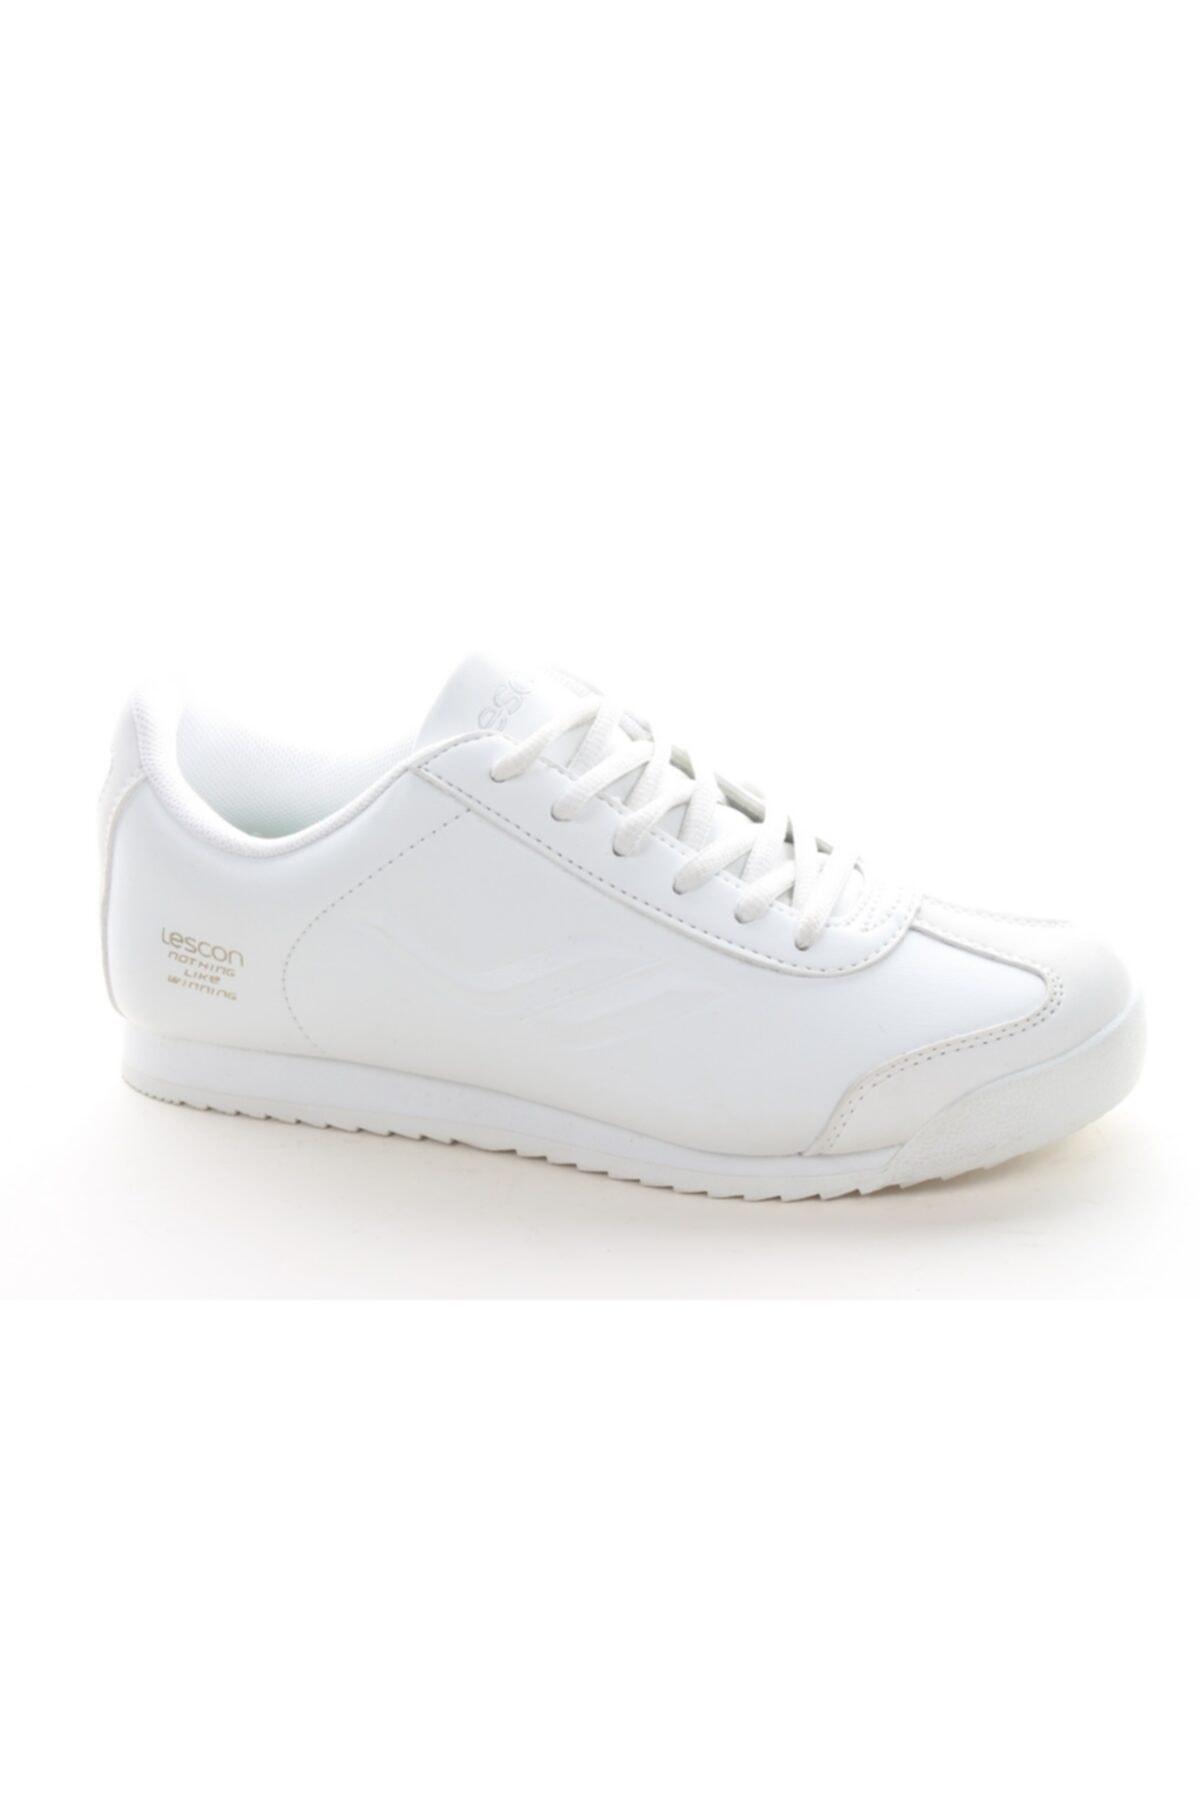 Lescon Unisex Beyaz Günlük Spor Ayakkabı L-6619 1